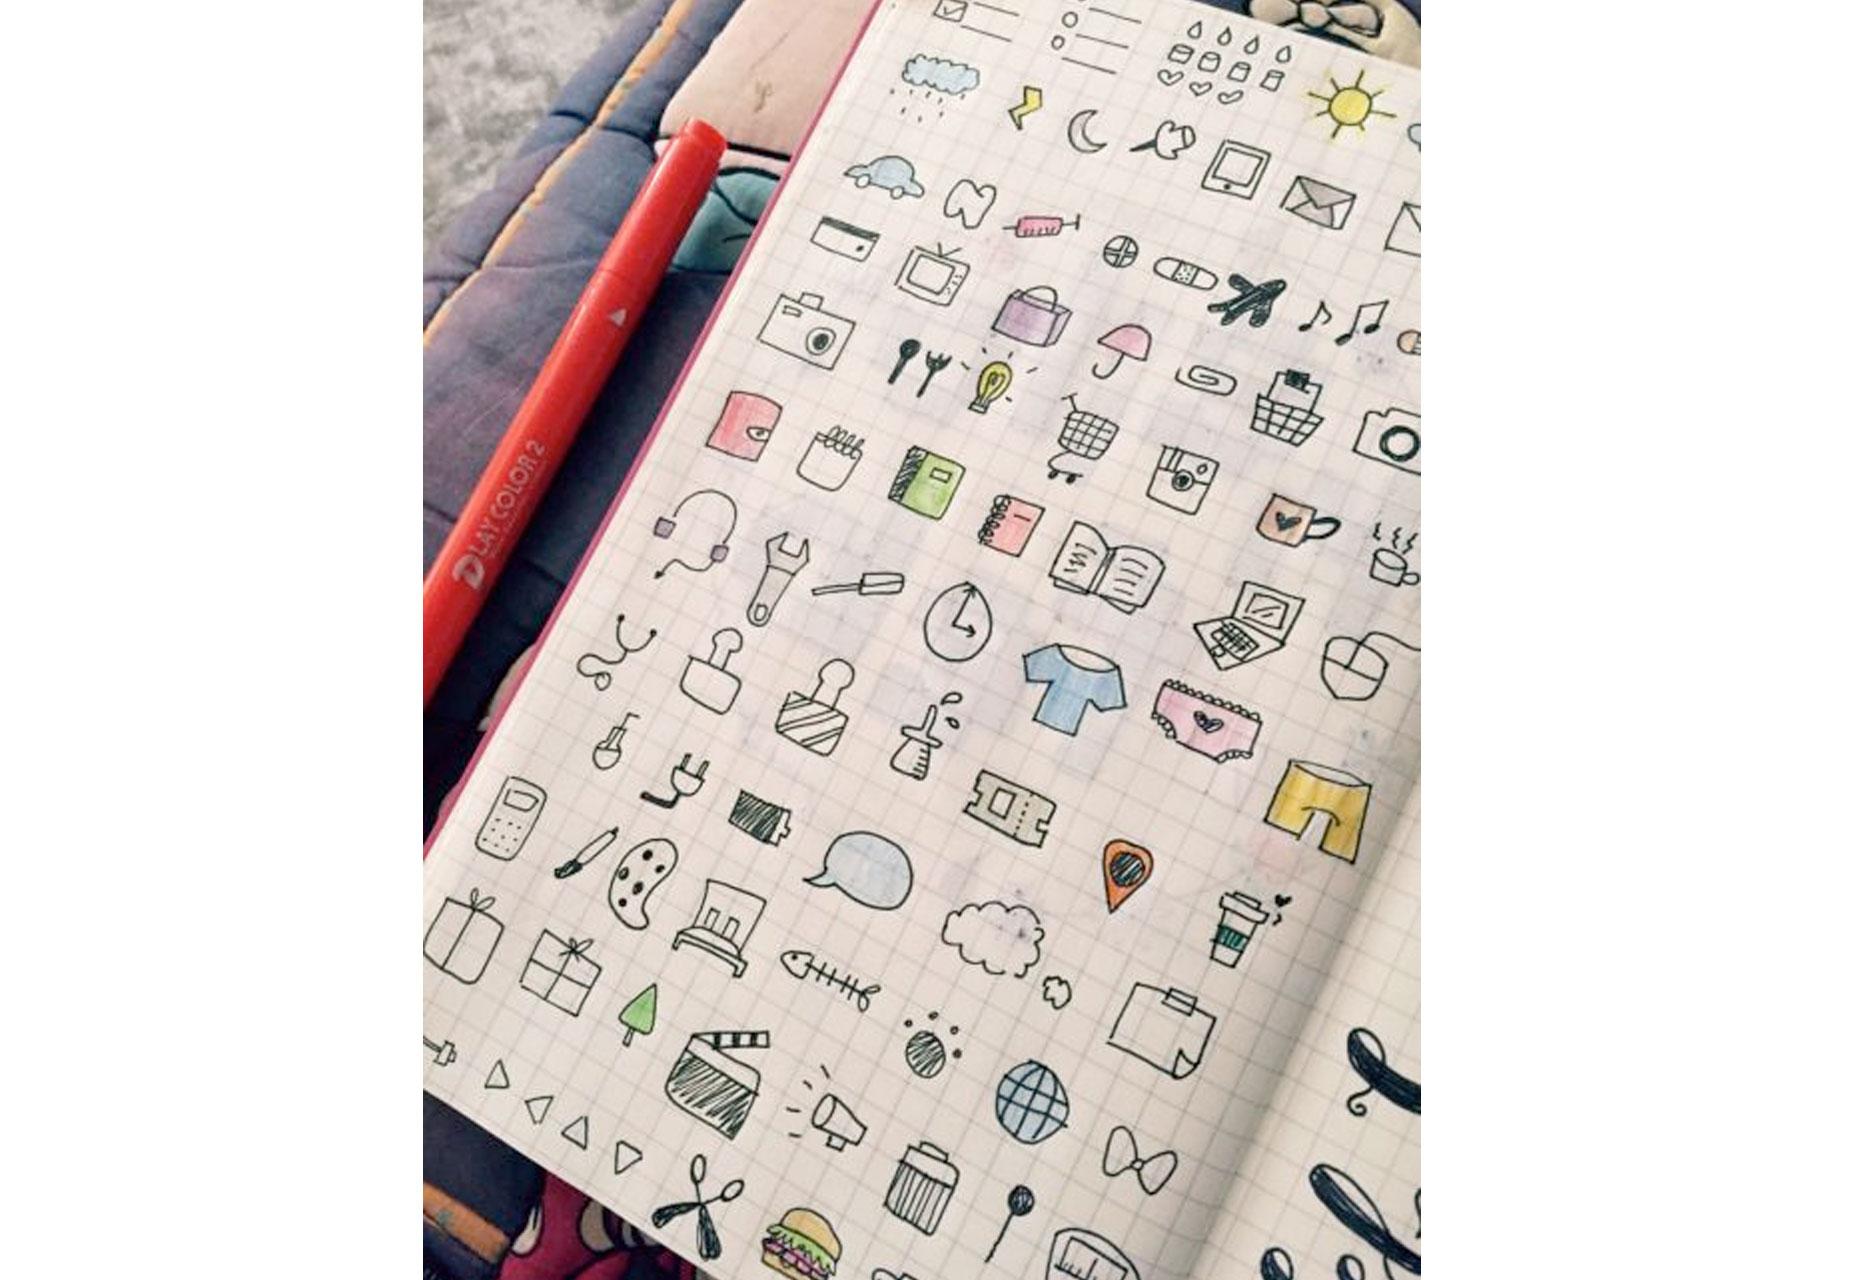 热爱写写画画的你,可以用子弹日记激发全部创意